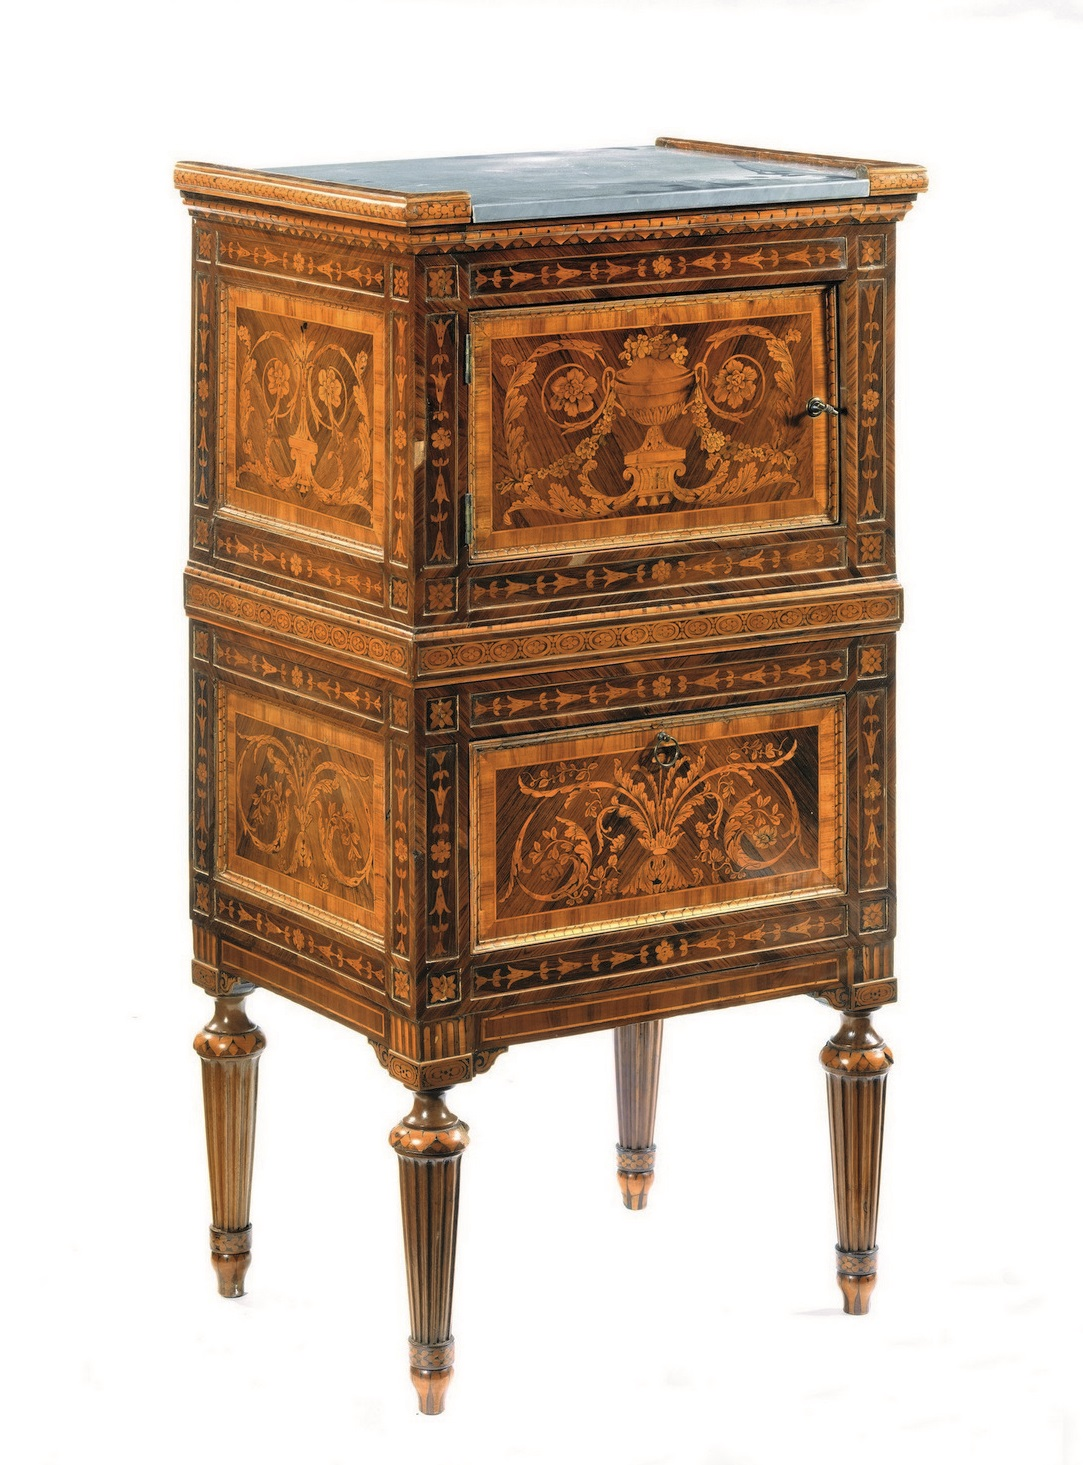 Importanti mobili arredi e oggetti d 39 arte porcellane e maioliche le aste pandolfini casa d - Arredi e mobili ...